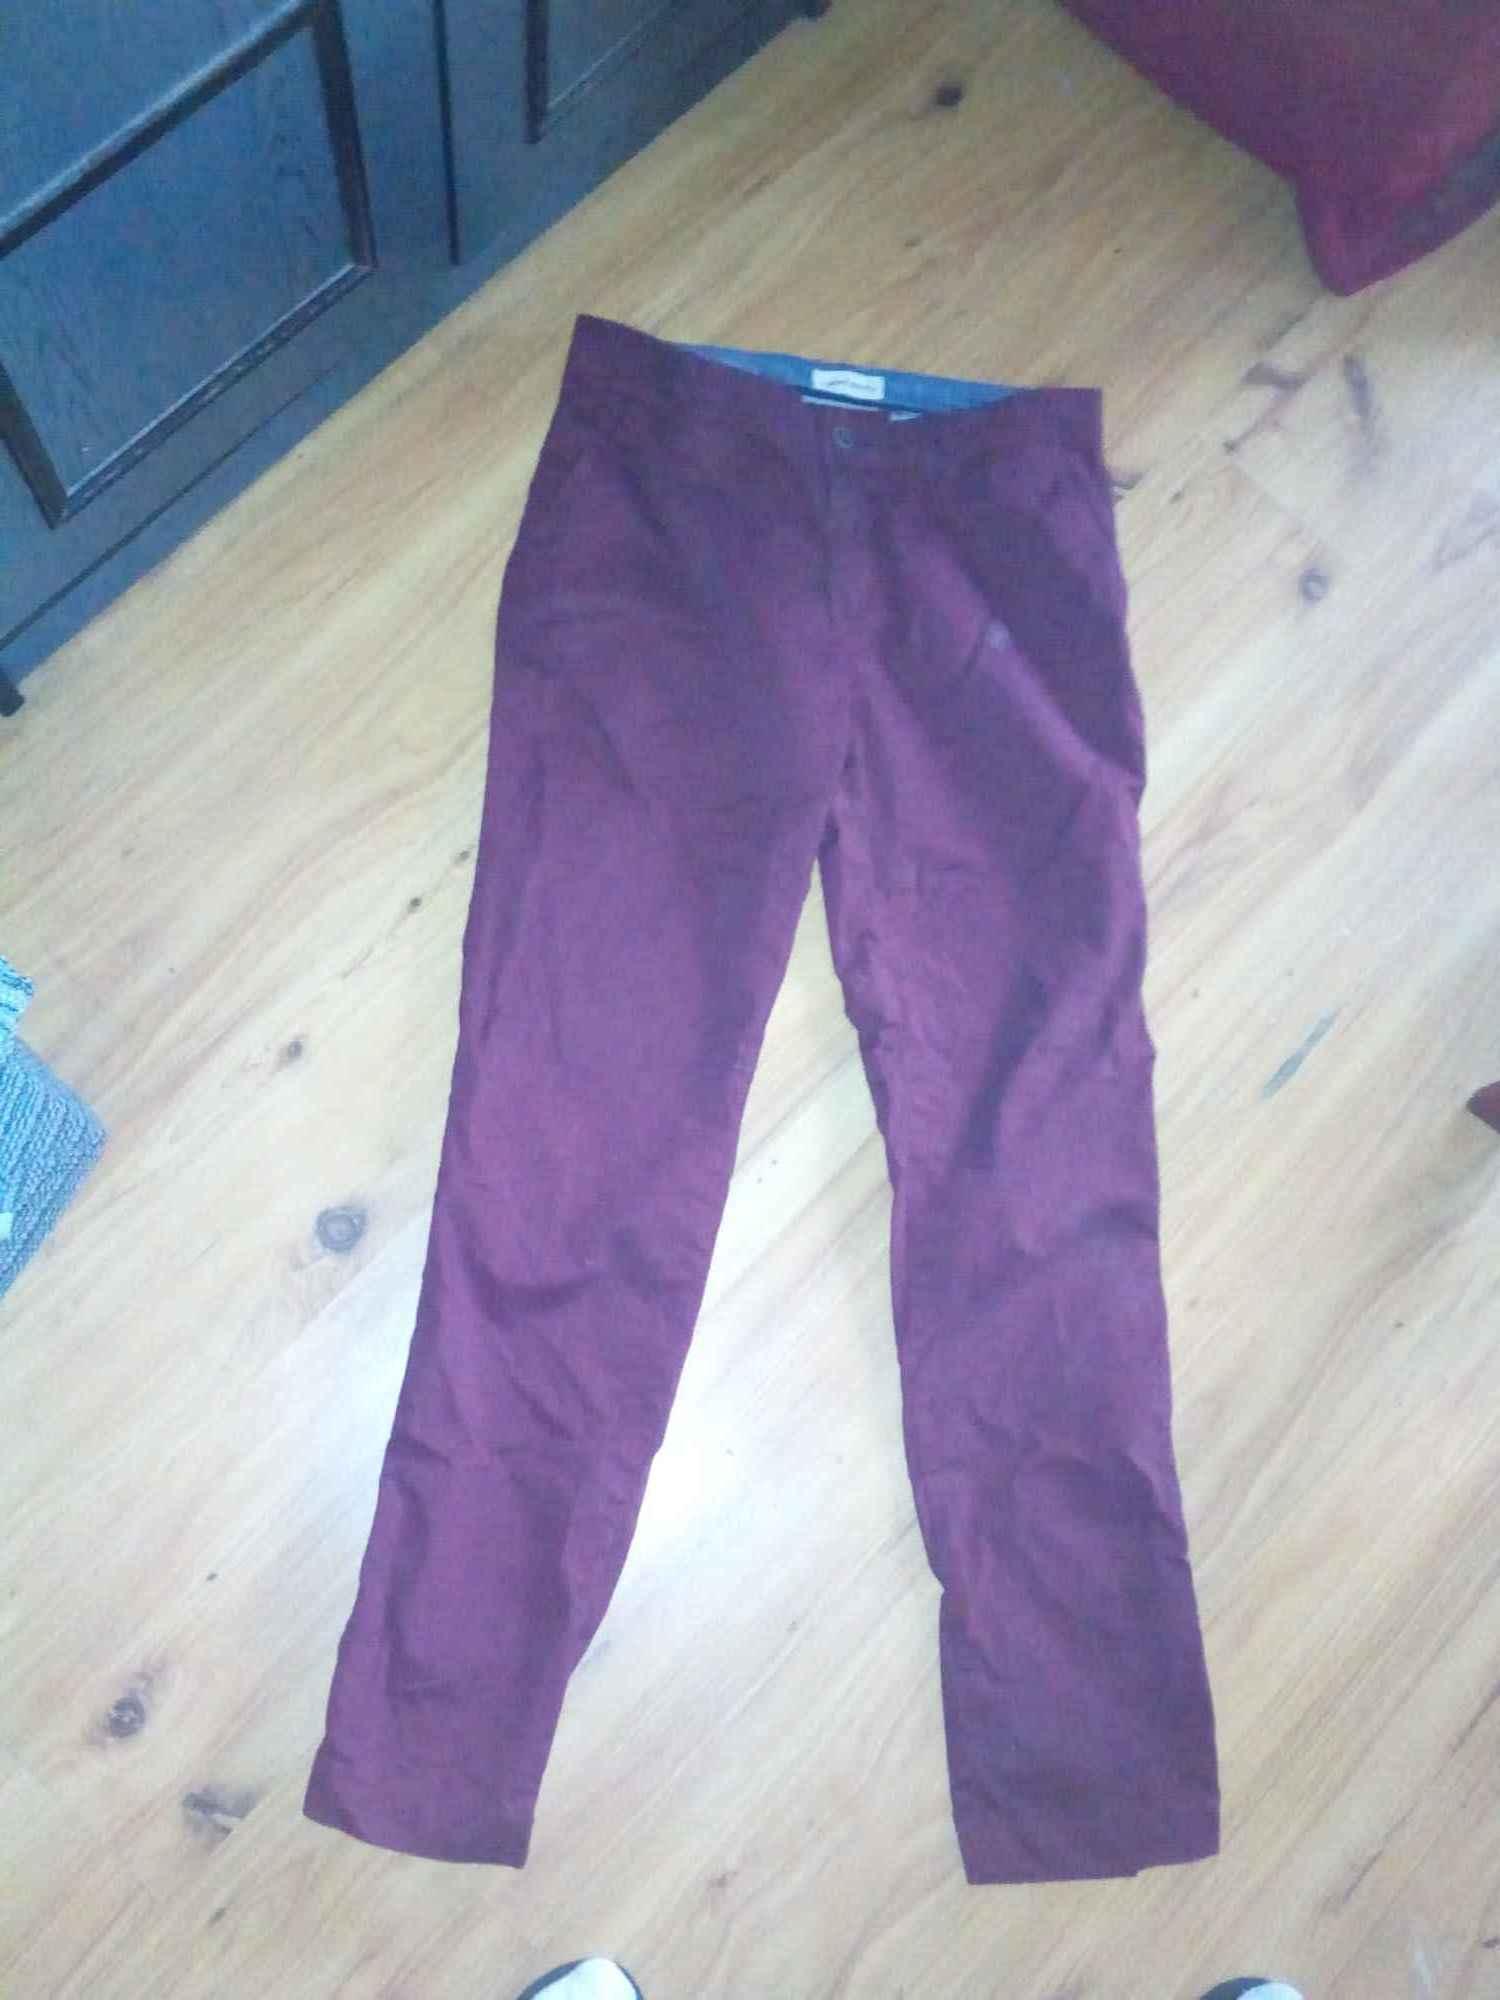 Spodnie Lancreto Męskie Nowy Sącz - zdjęcie 1